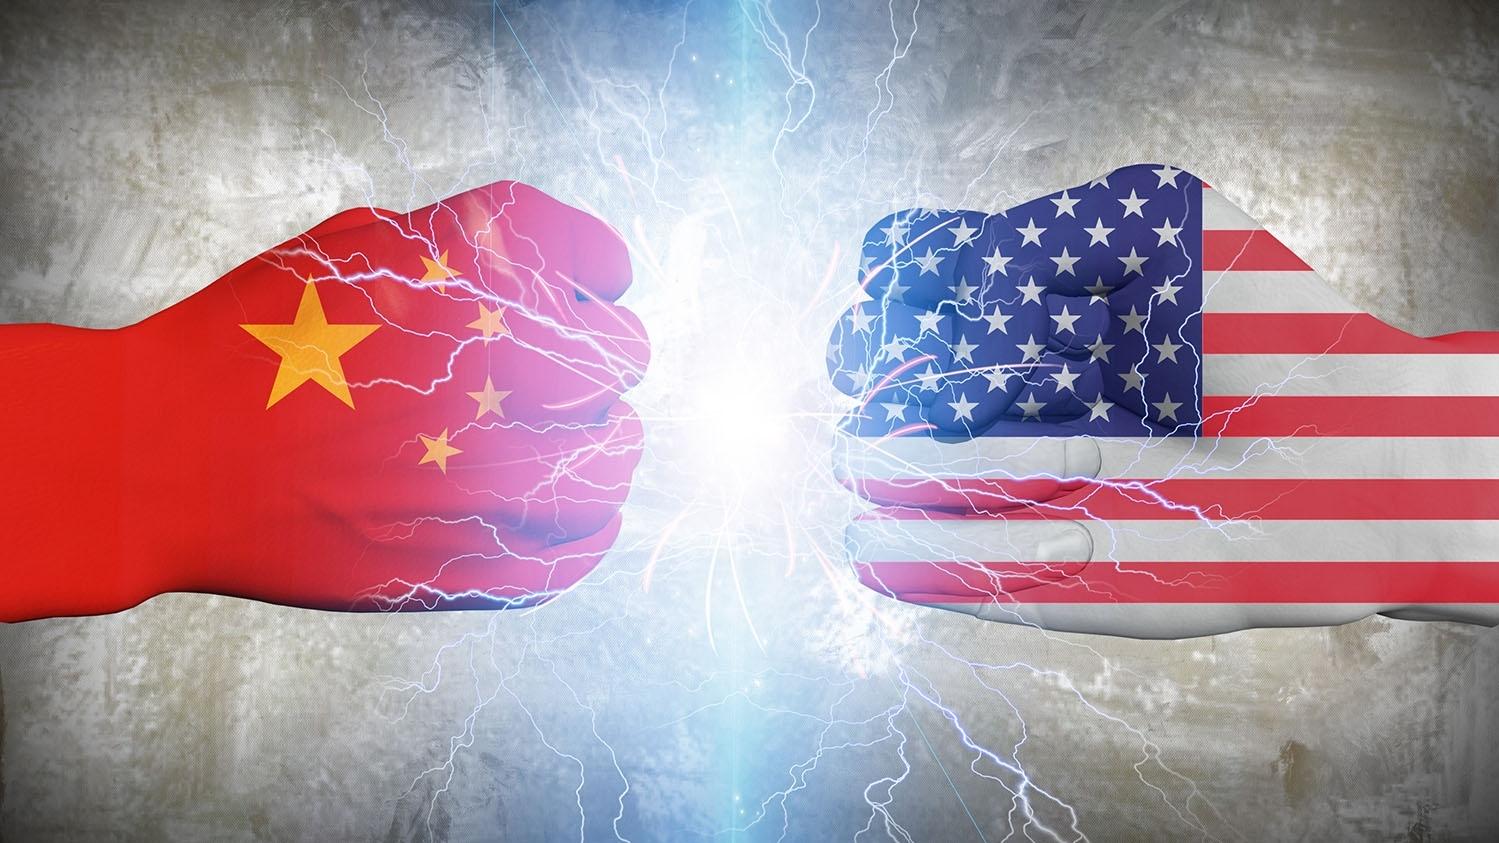 Mỹ-Trung Quốc: Đòn nặng mới